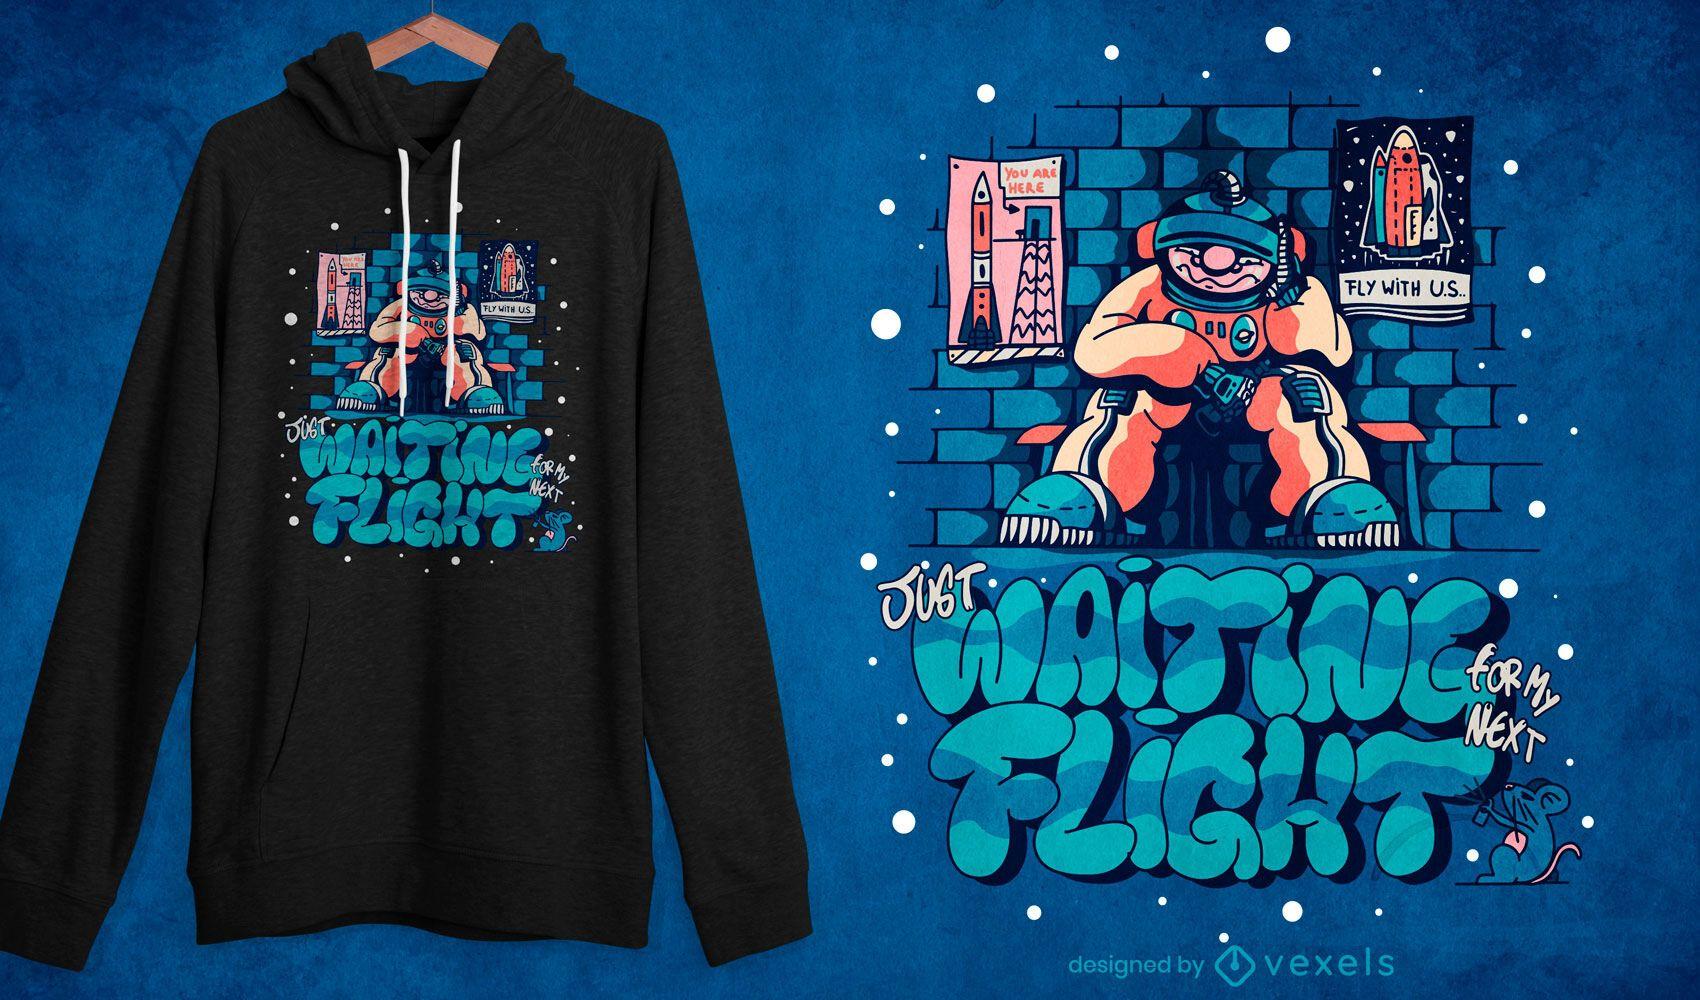 Broke astronaut t-shirt design